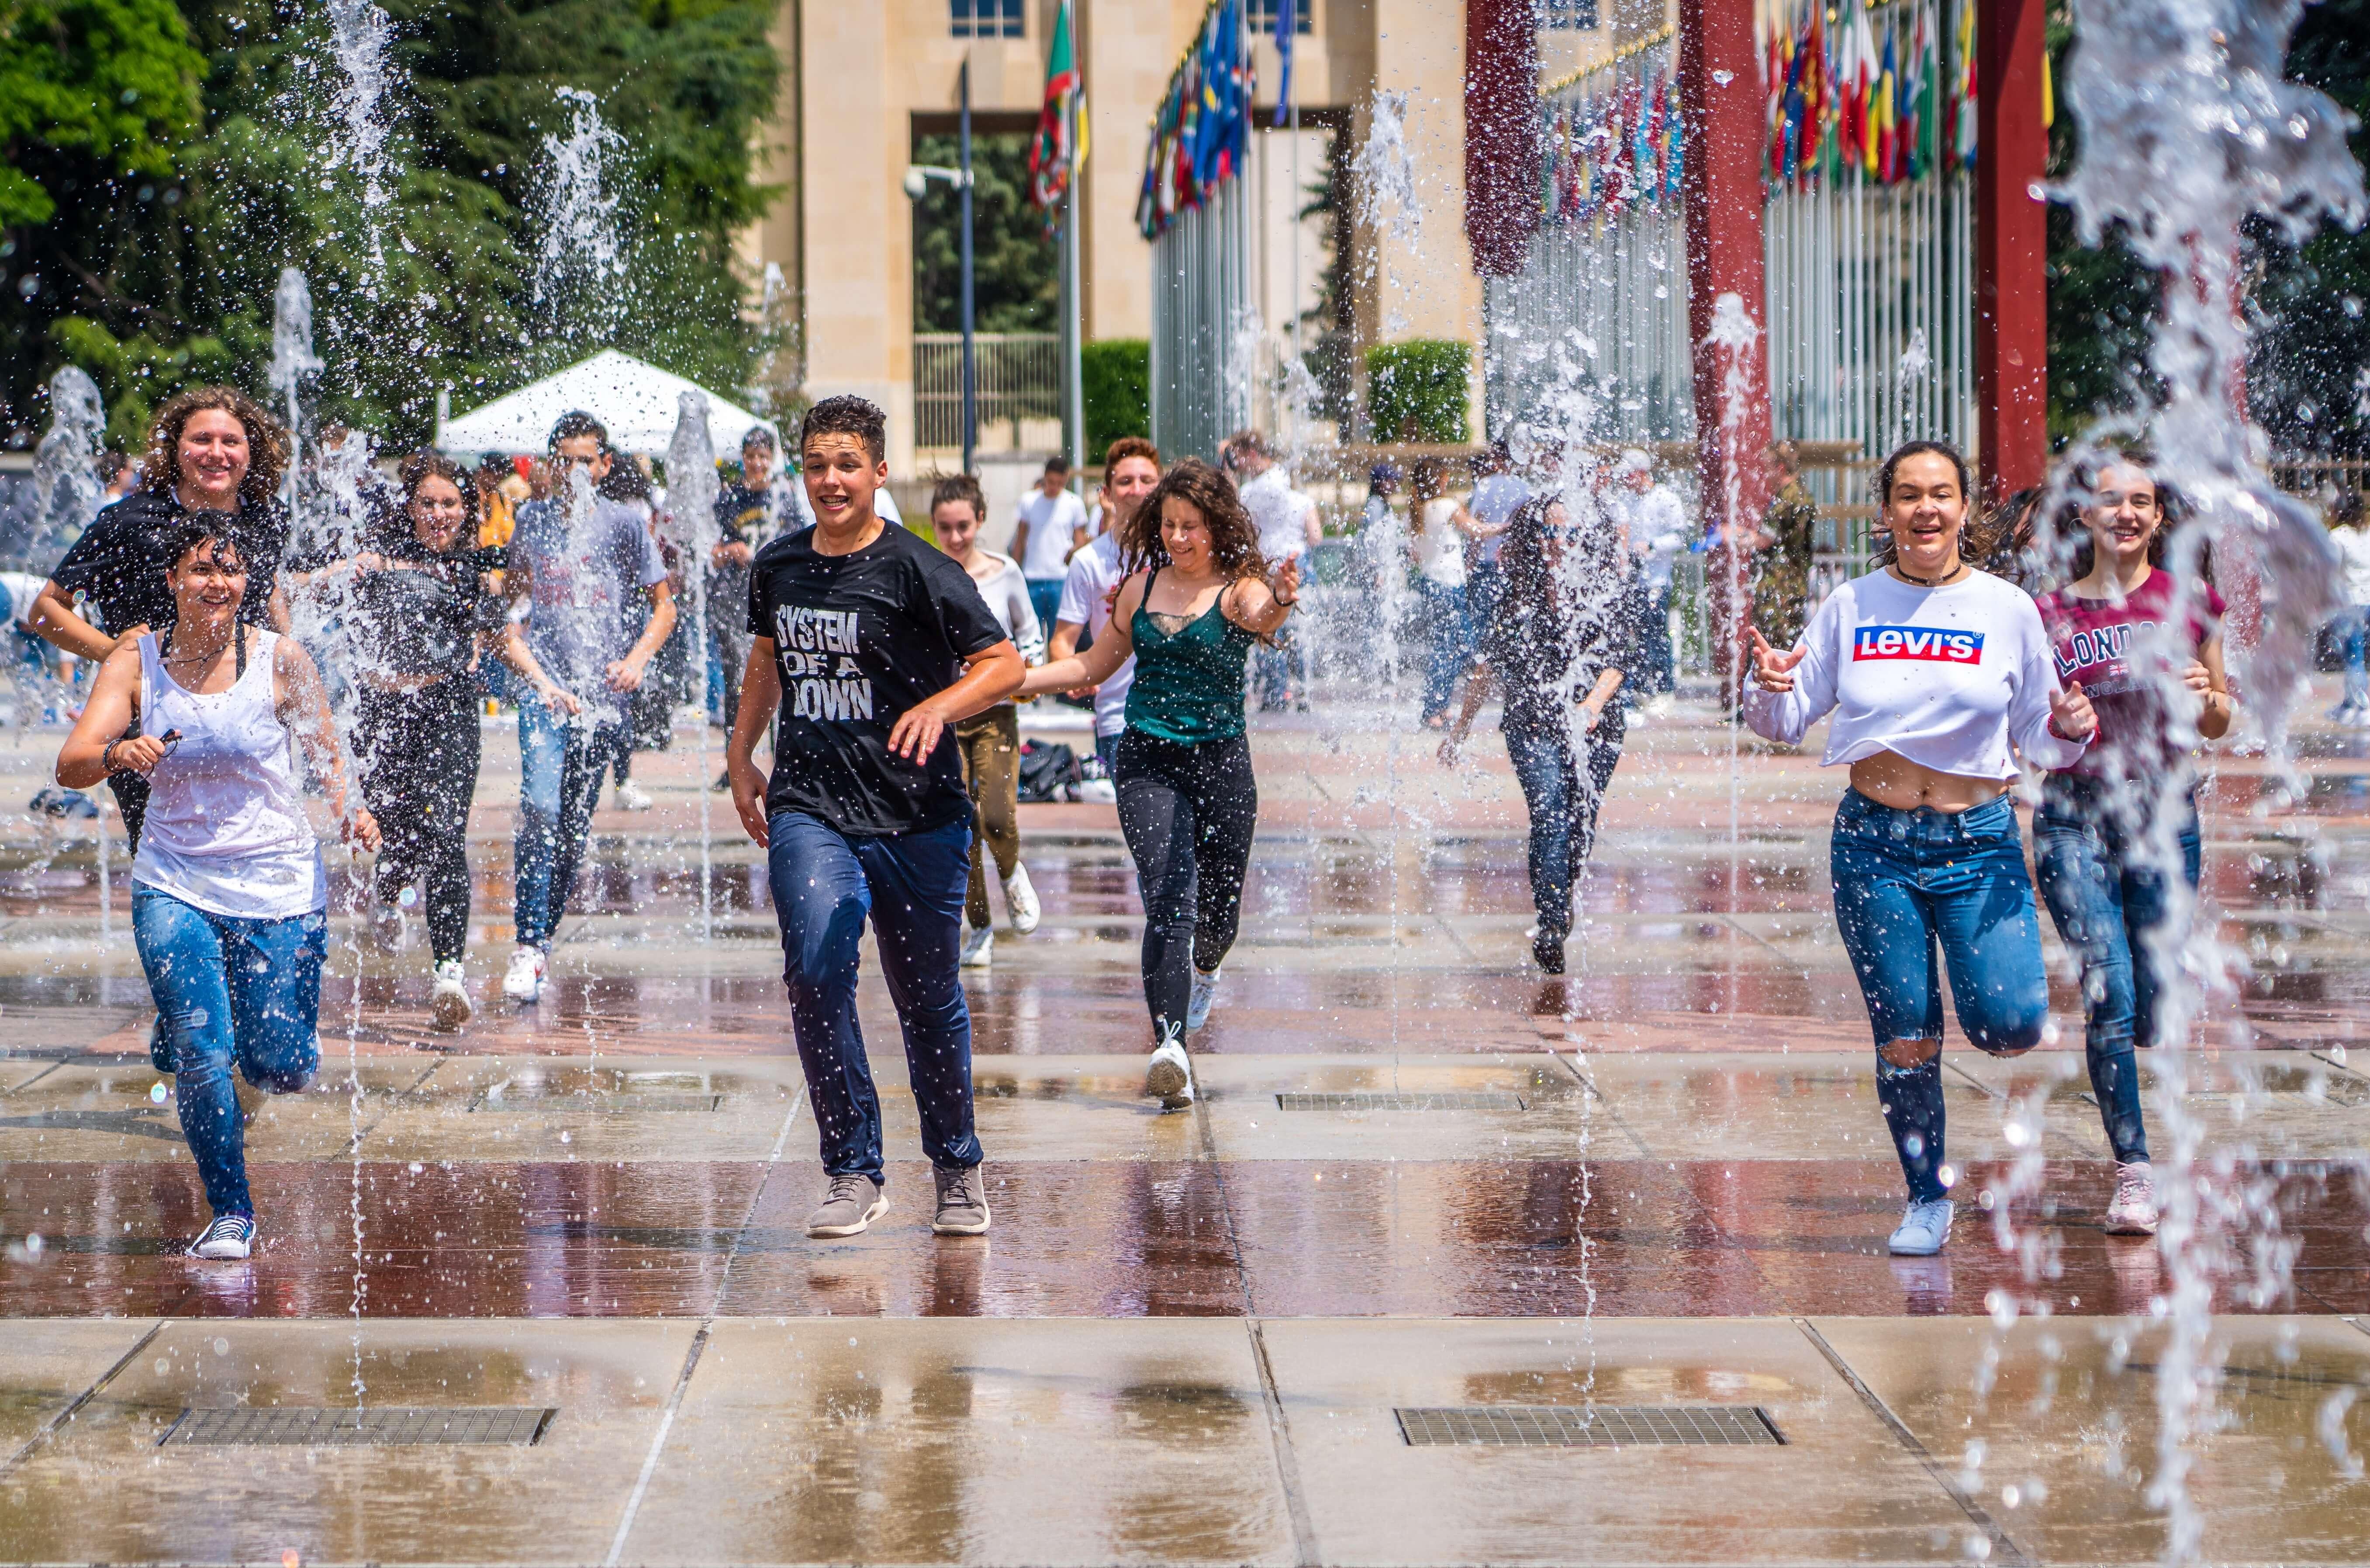 people splashing through water fountains